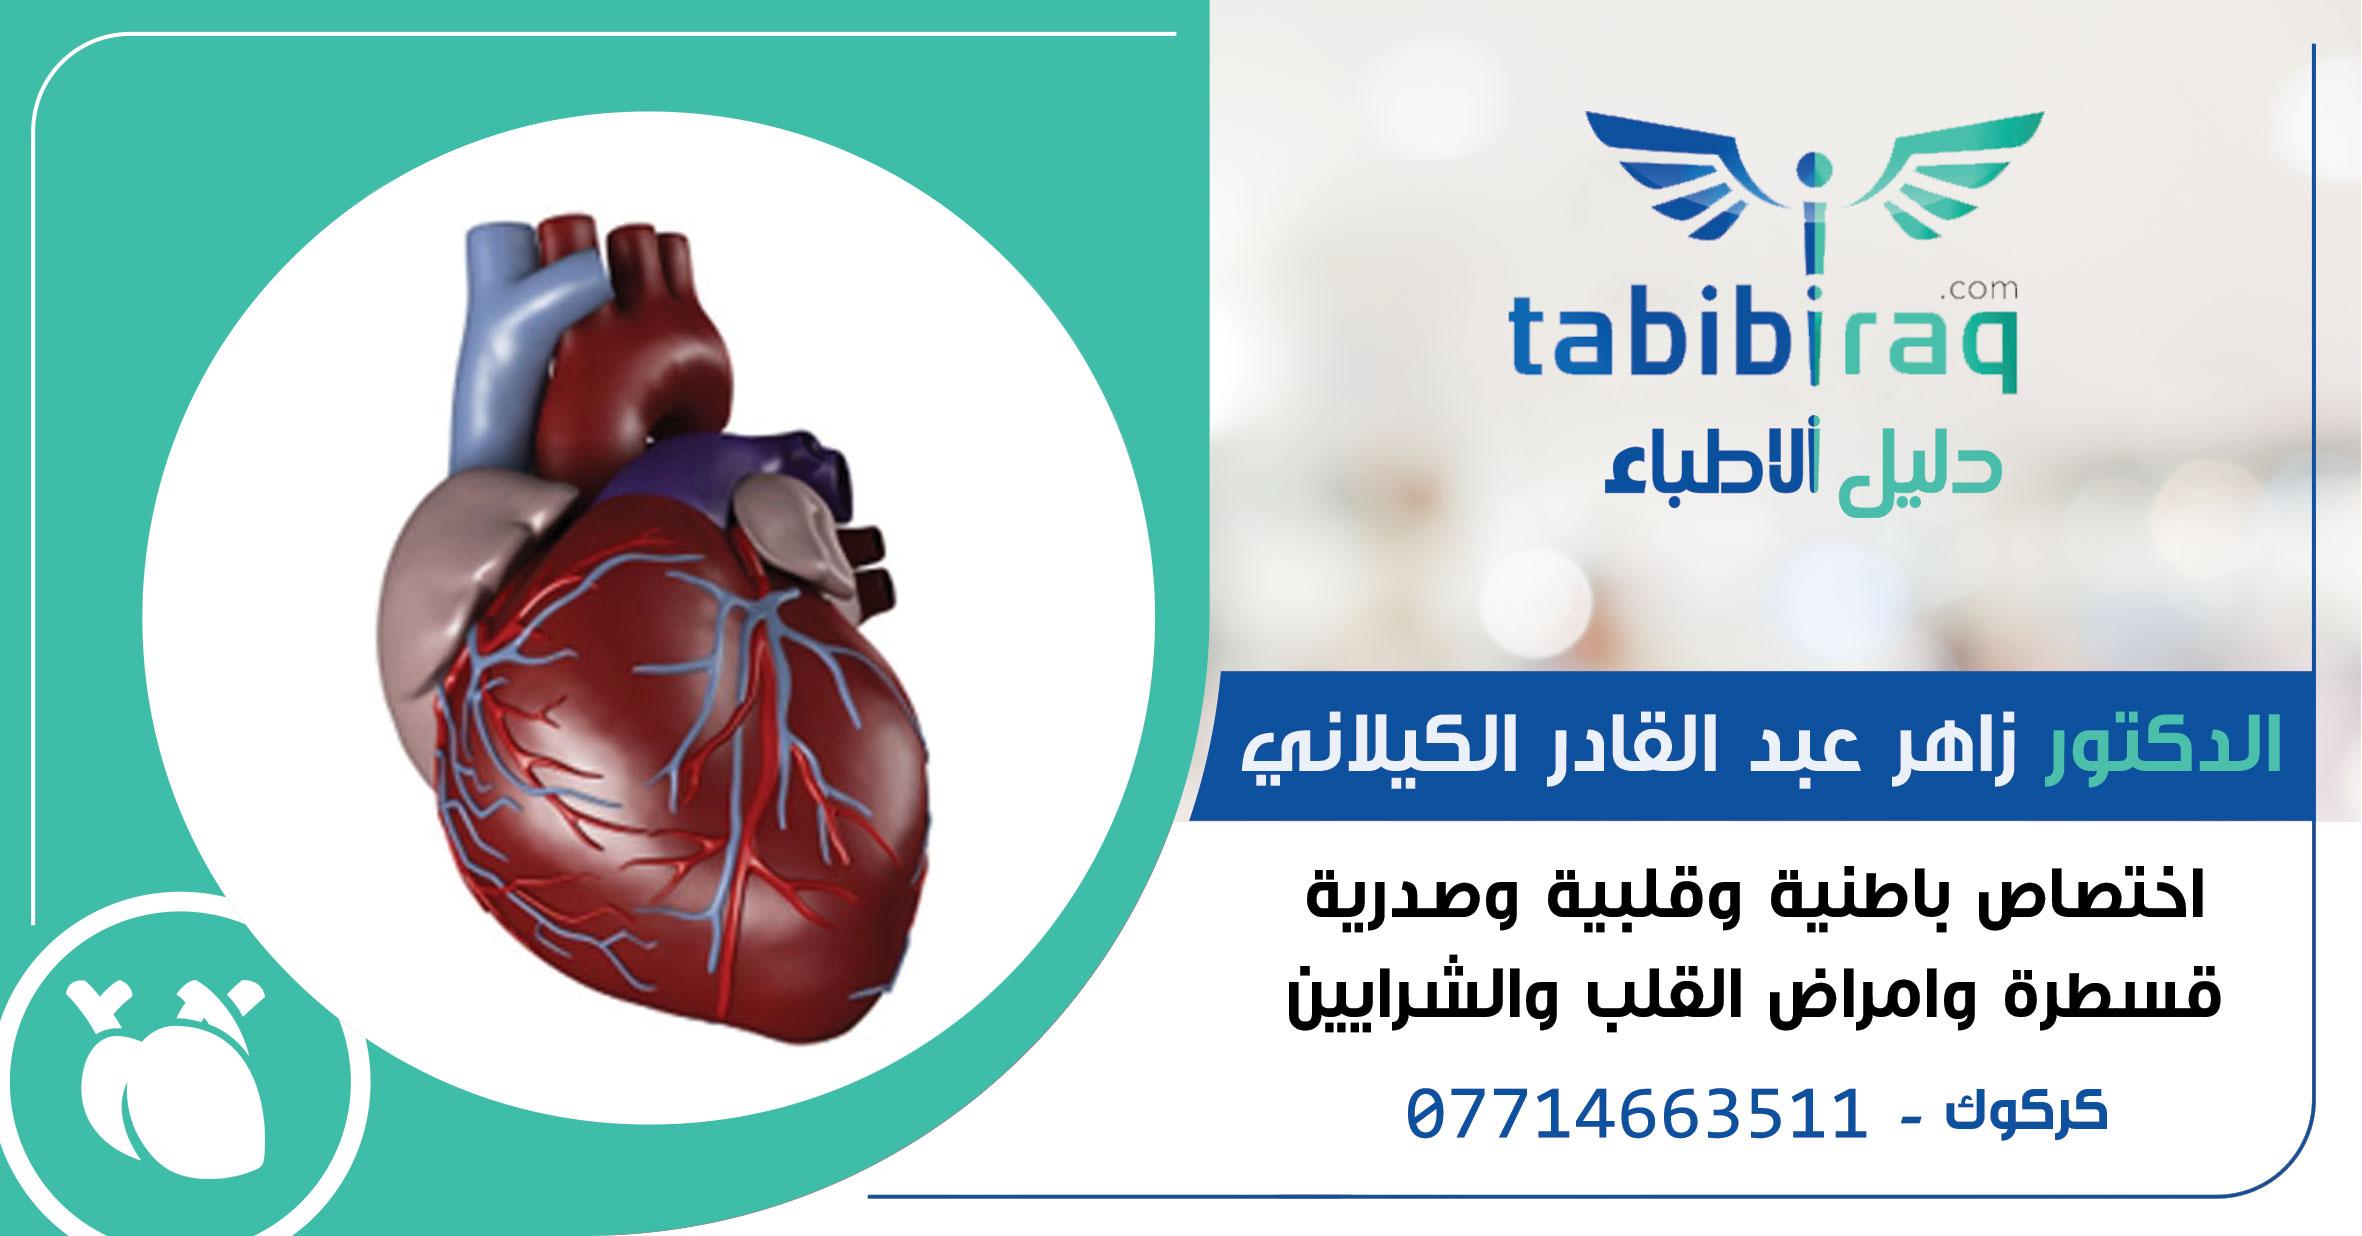 الدكتور زاهر عبد القادر الكيلاني